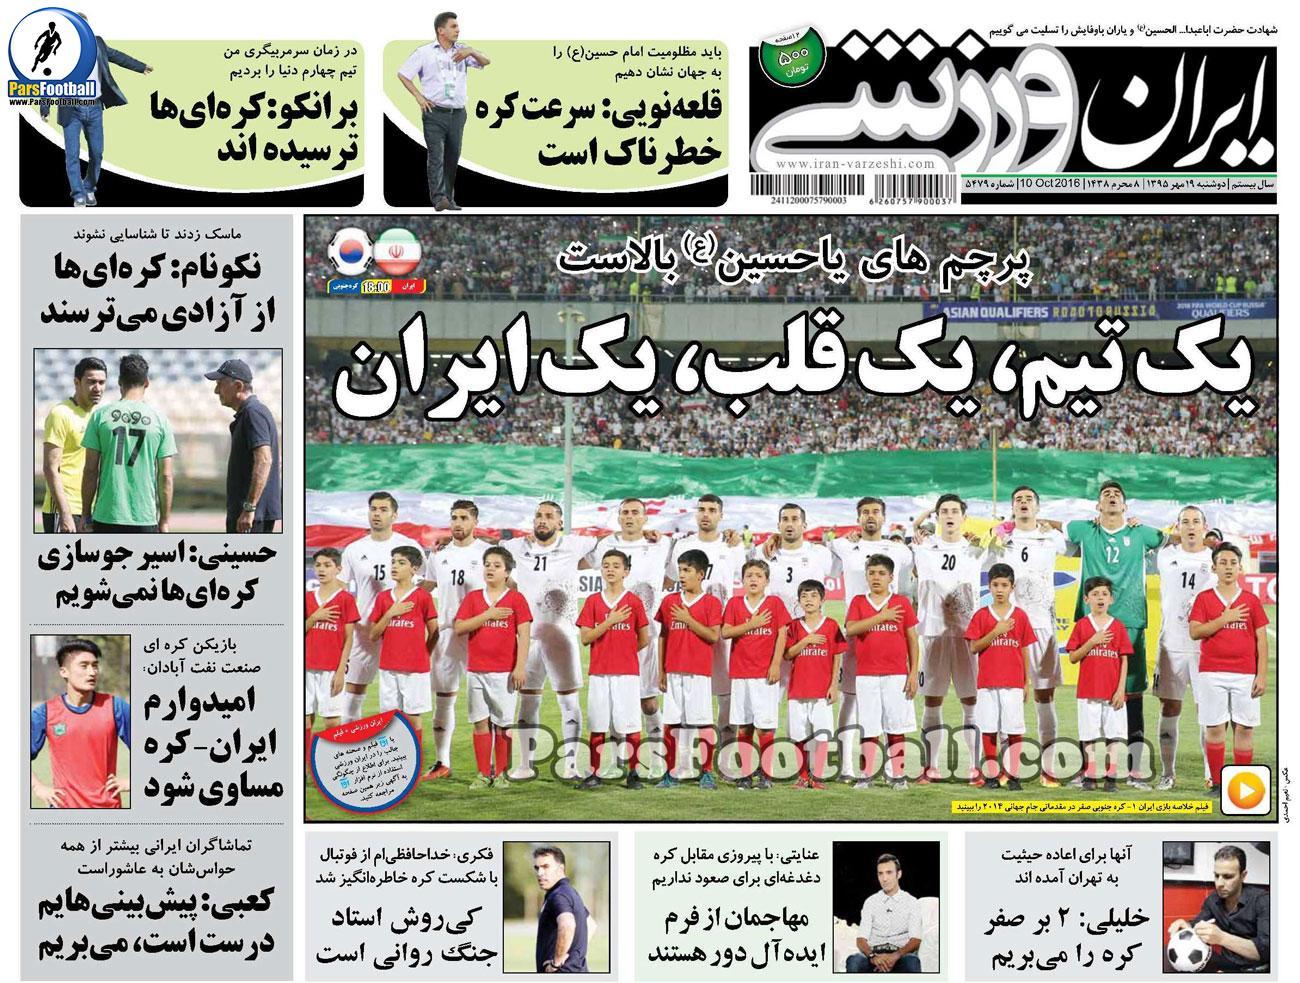 روزنامه ایران ورزشی دوشنبه 19 مهر 95